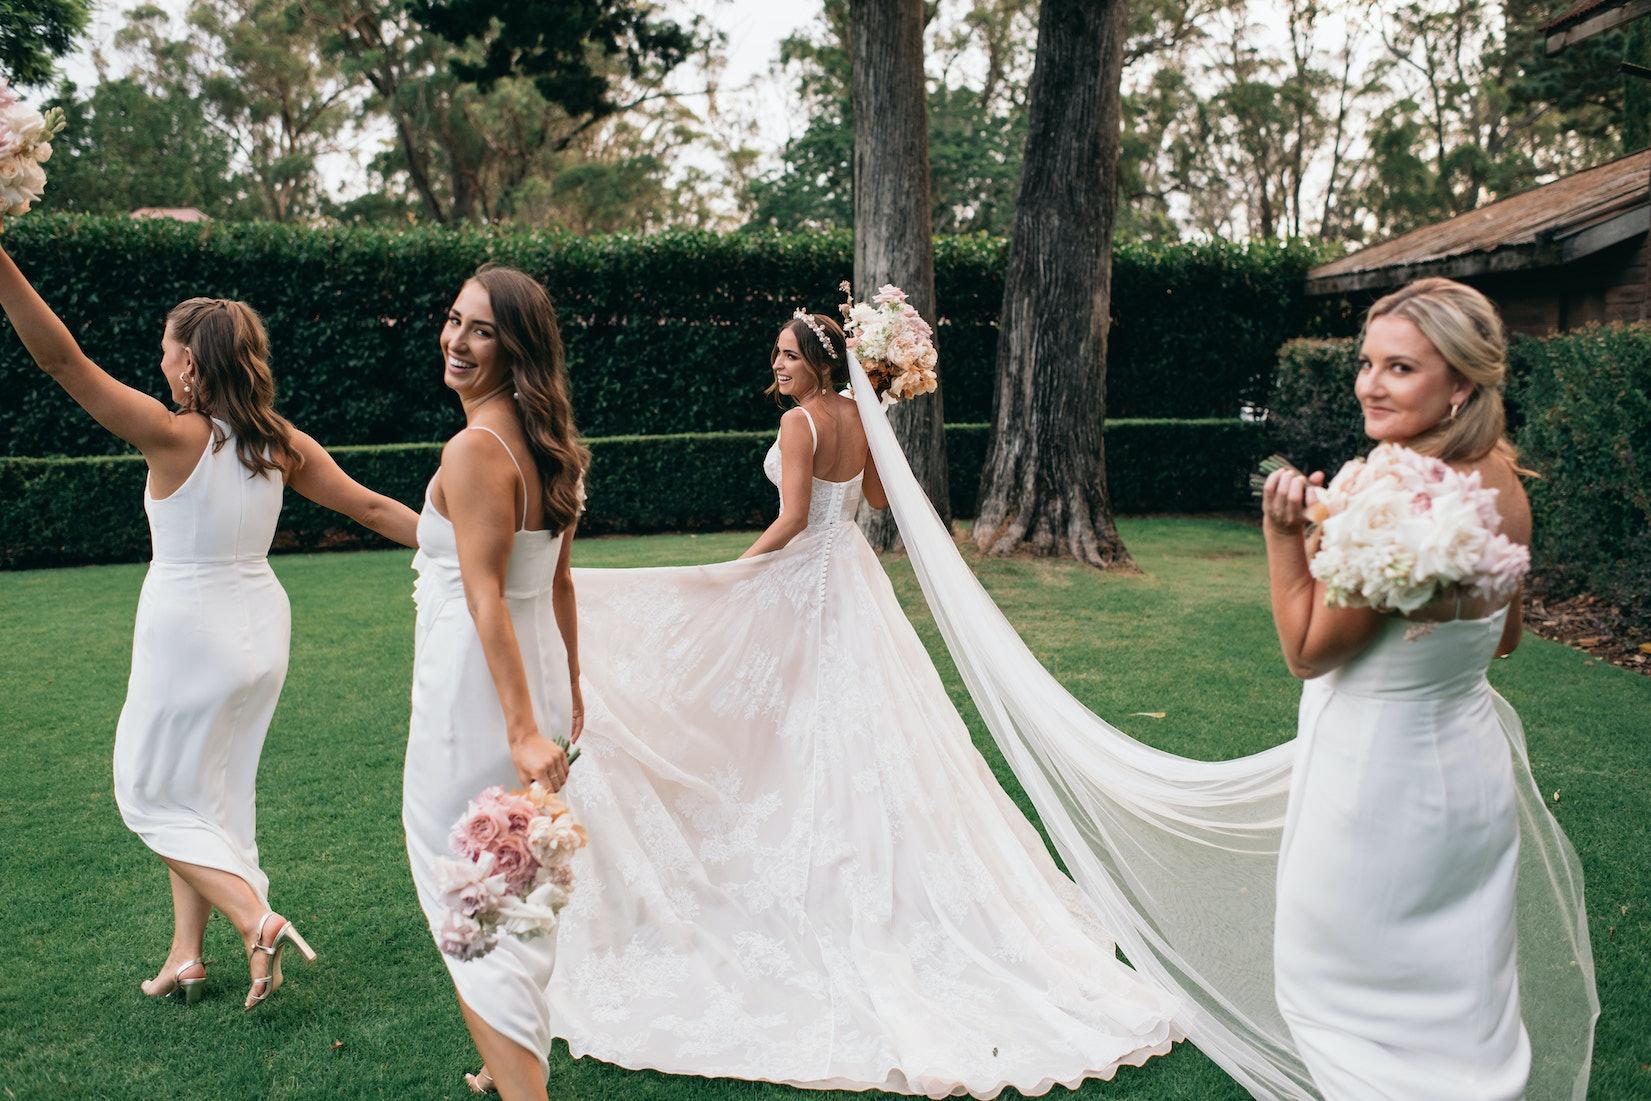 Bride and bridesmaid in gardens